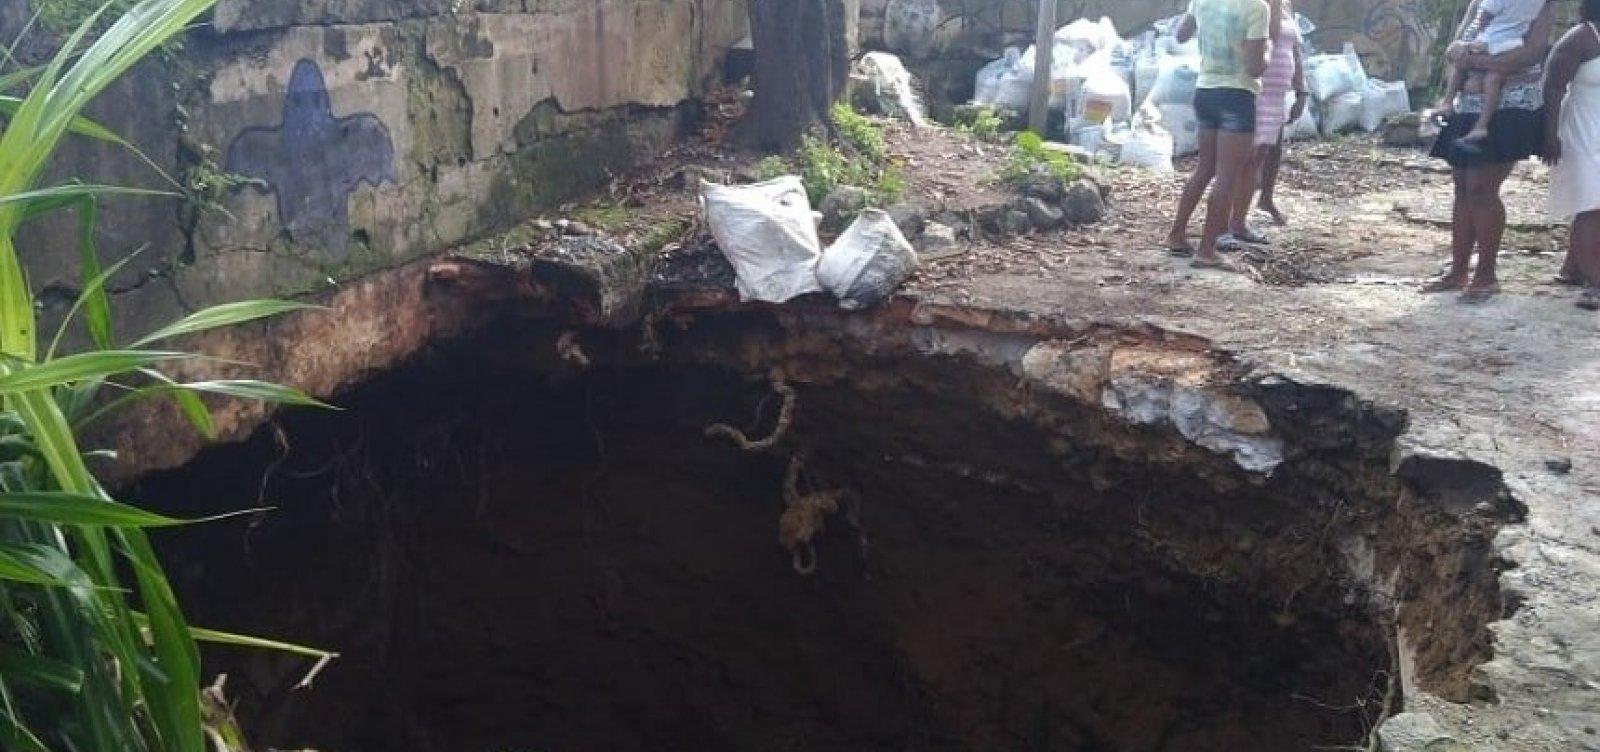 [Após deslizamento, moradores da Gamboa se preocupam com 'cratera' aberta na região]